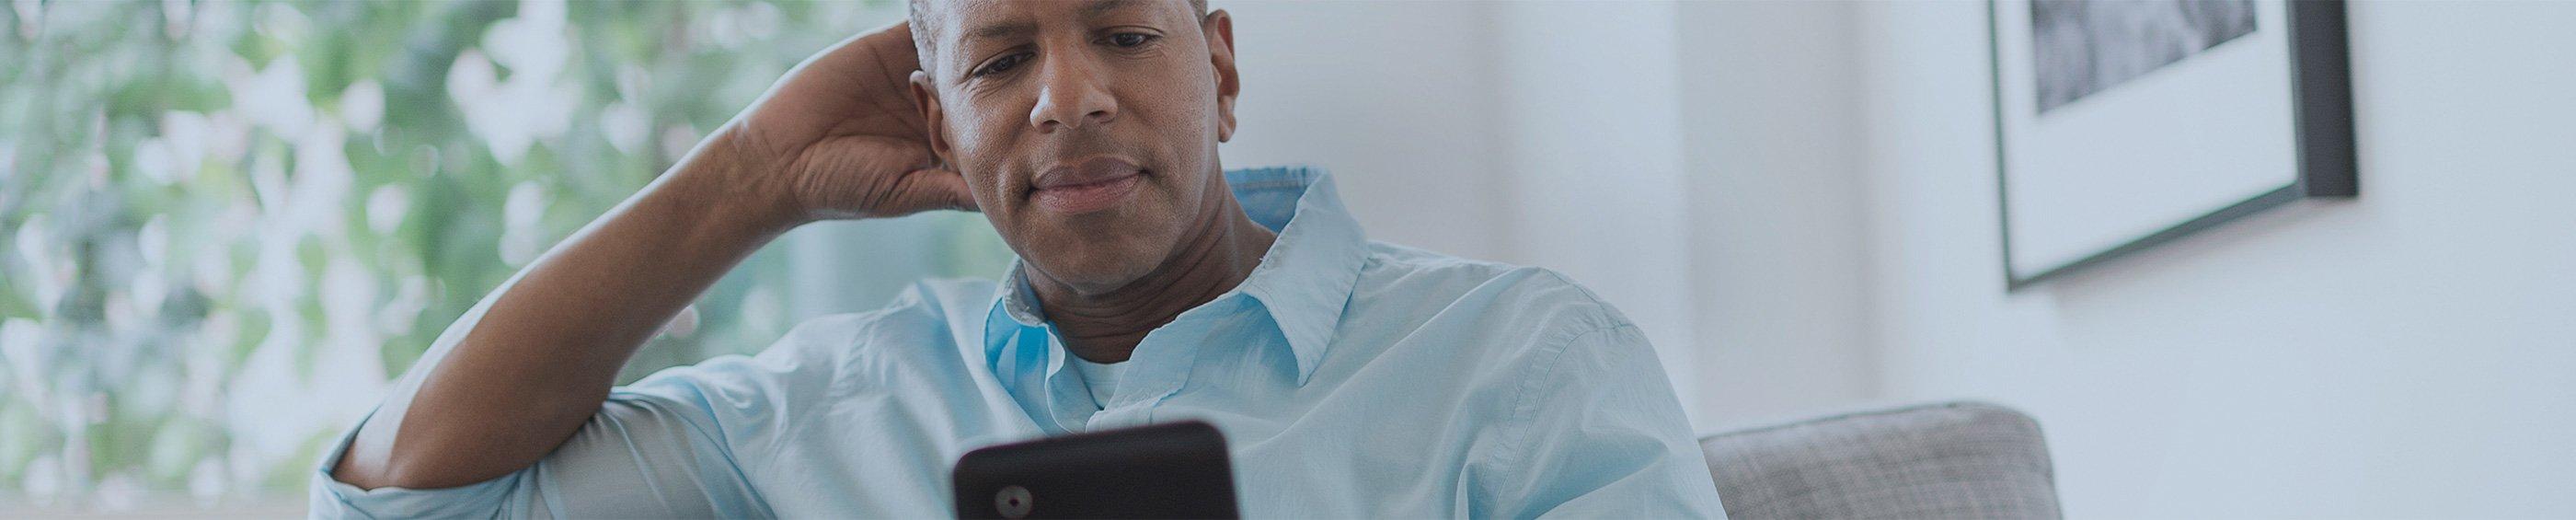 Un padre leyendo su tablet en el sofá